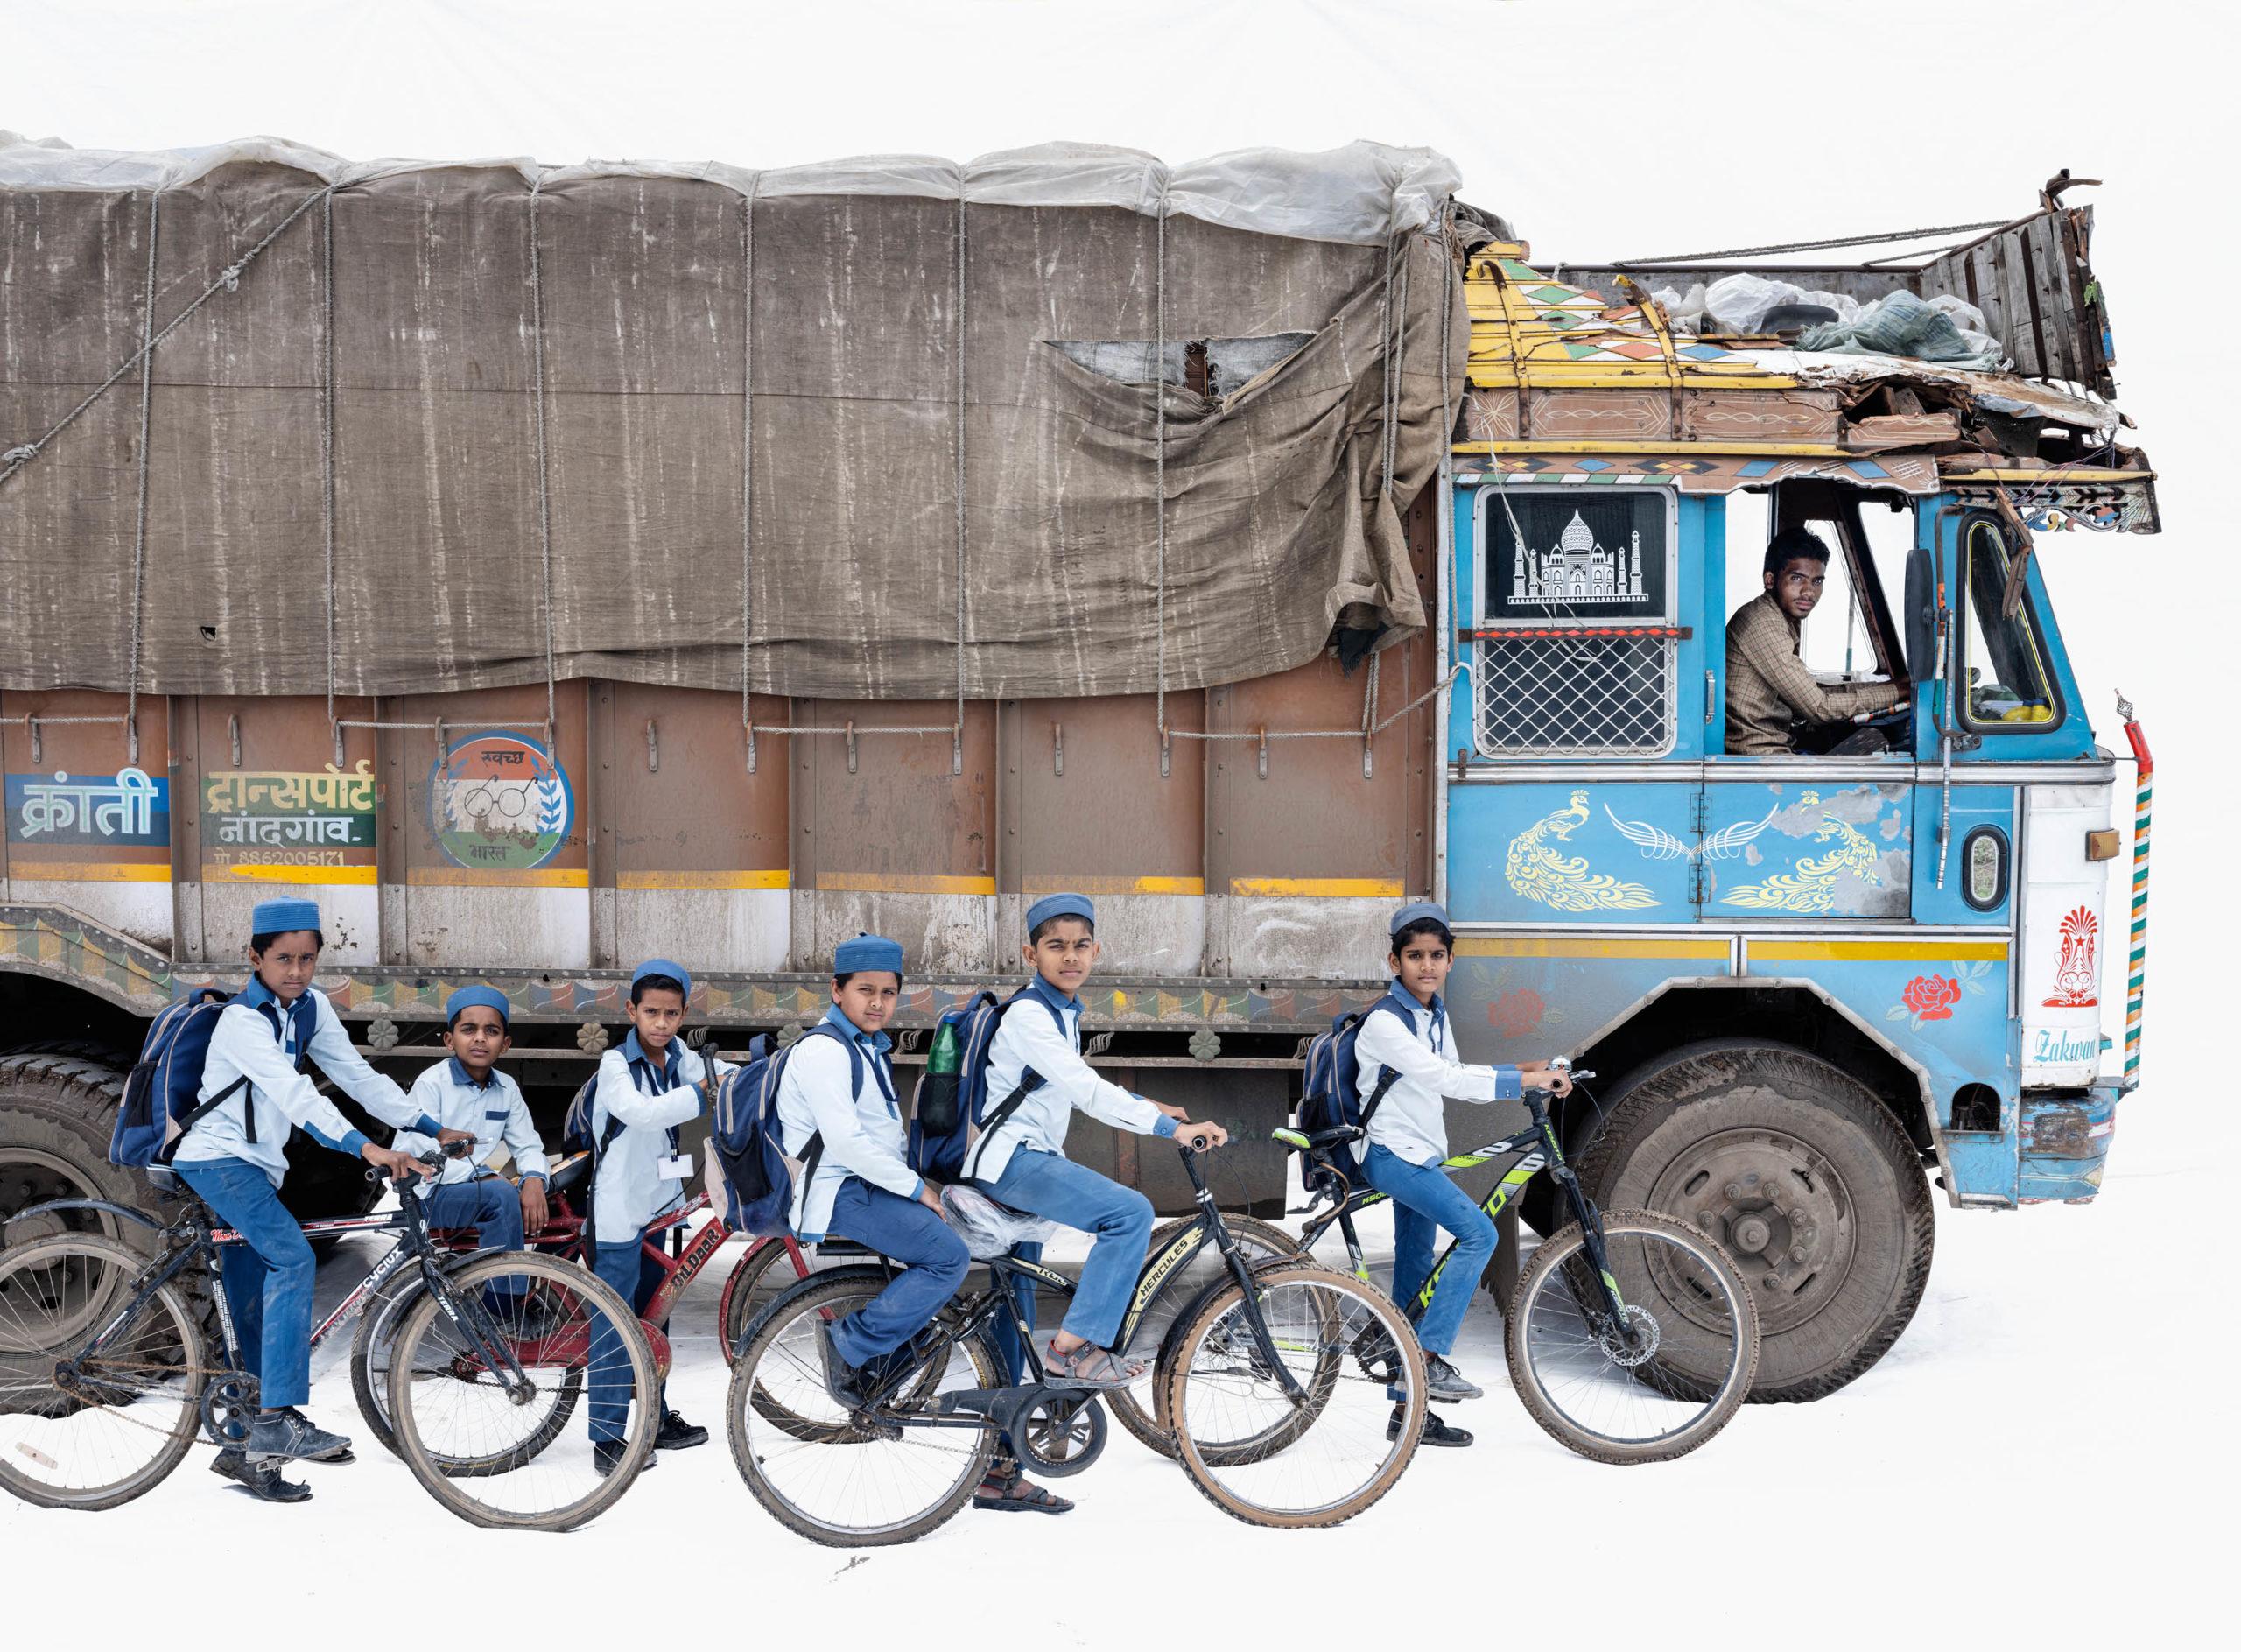 Tata 1613; Truck driver Akhtar Ahmed, Students from the English Medium School (Malegaon, Maharashtra)